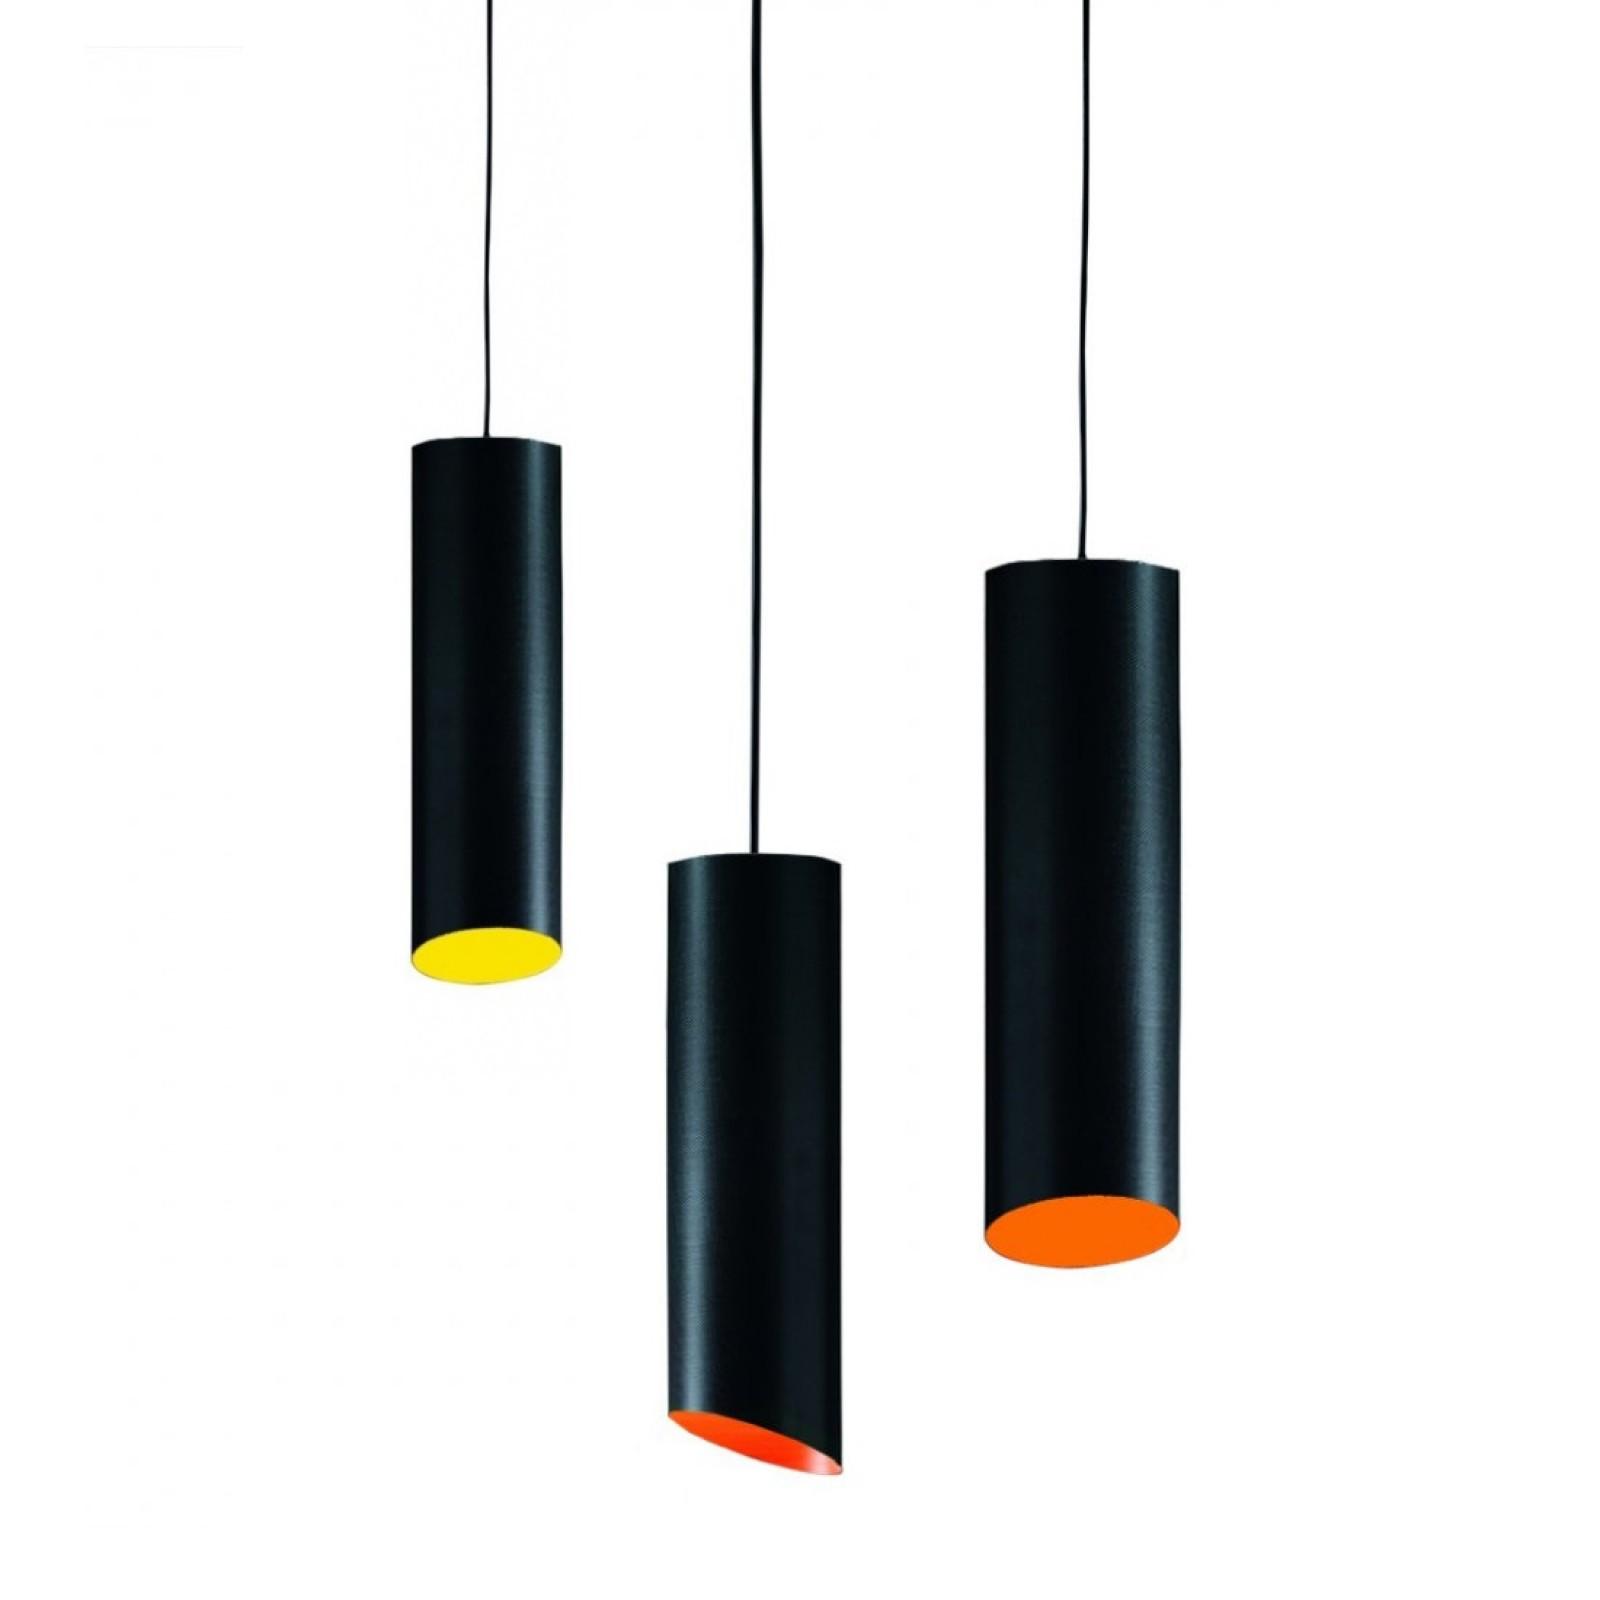 Φωτιστικό Οροφής Slice Suspended (Carbon Fiber) - Karboxx